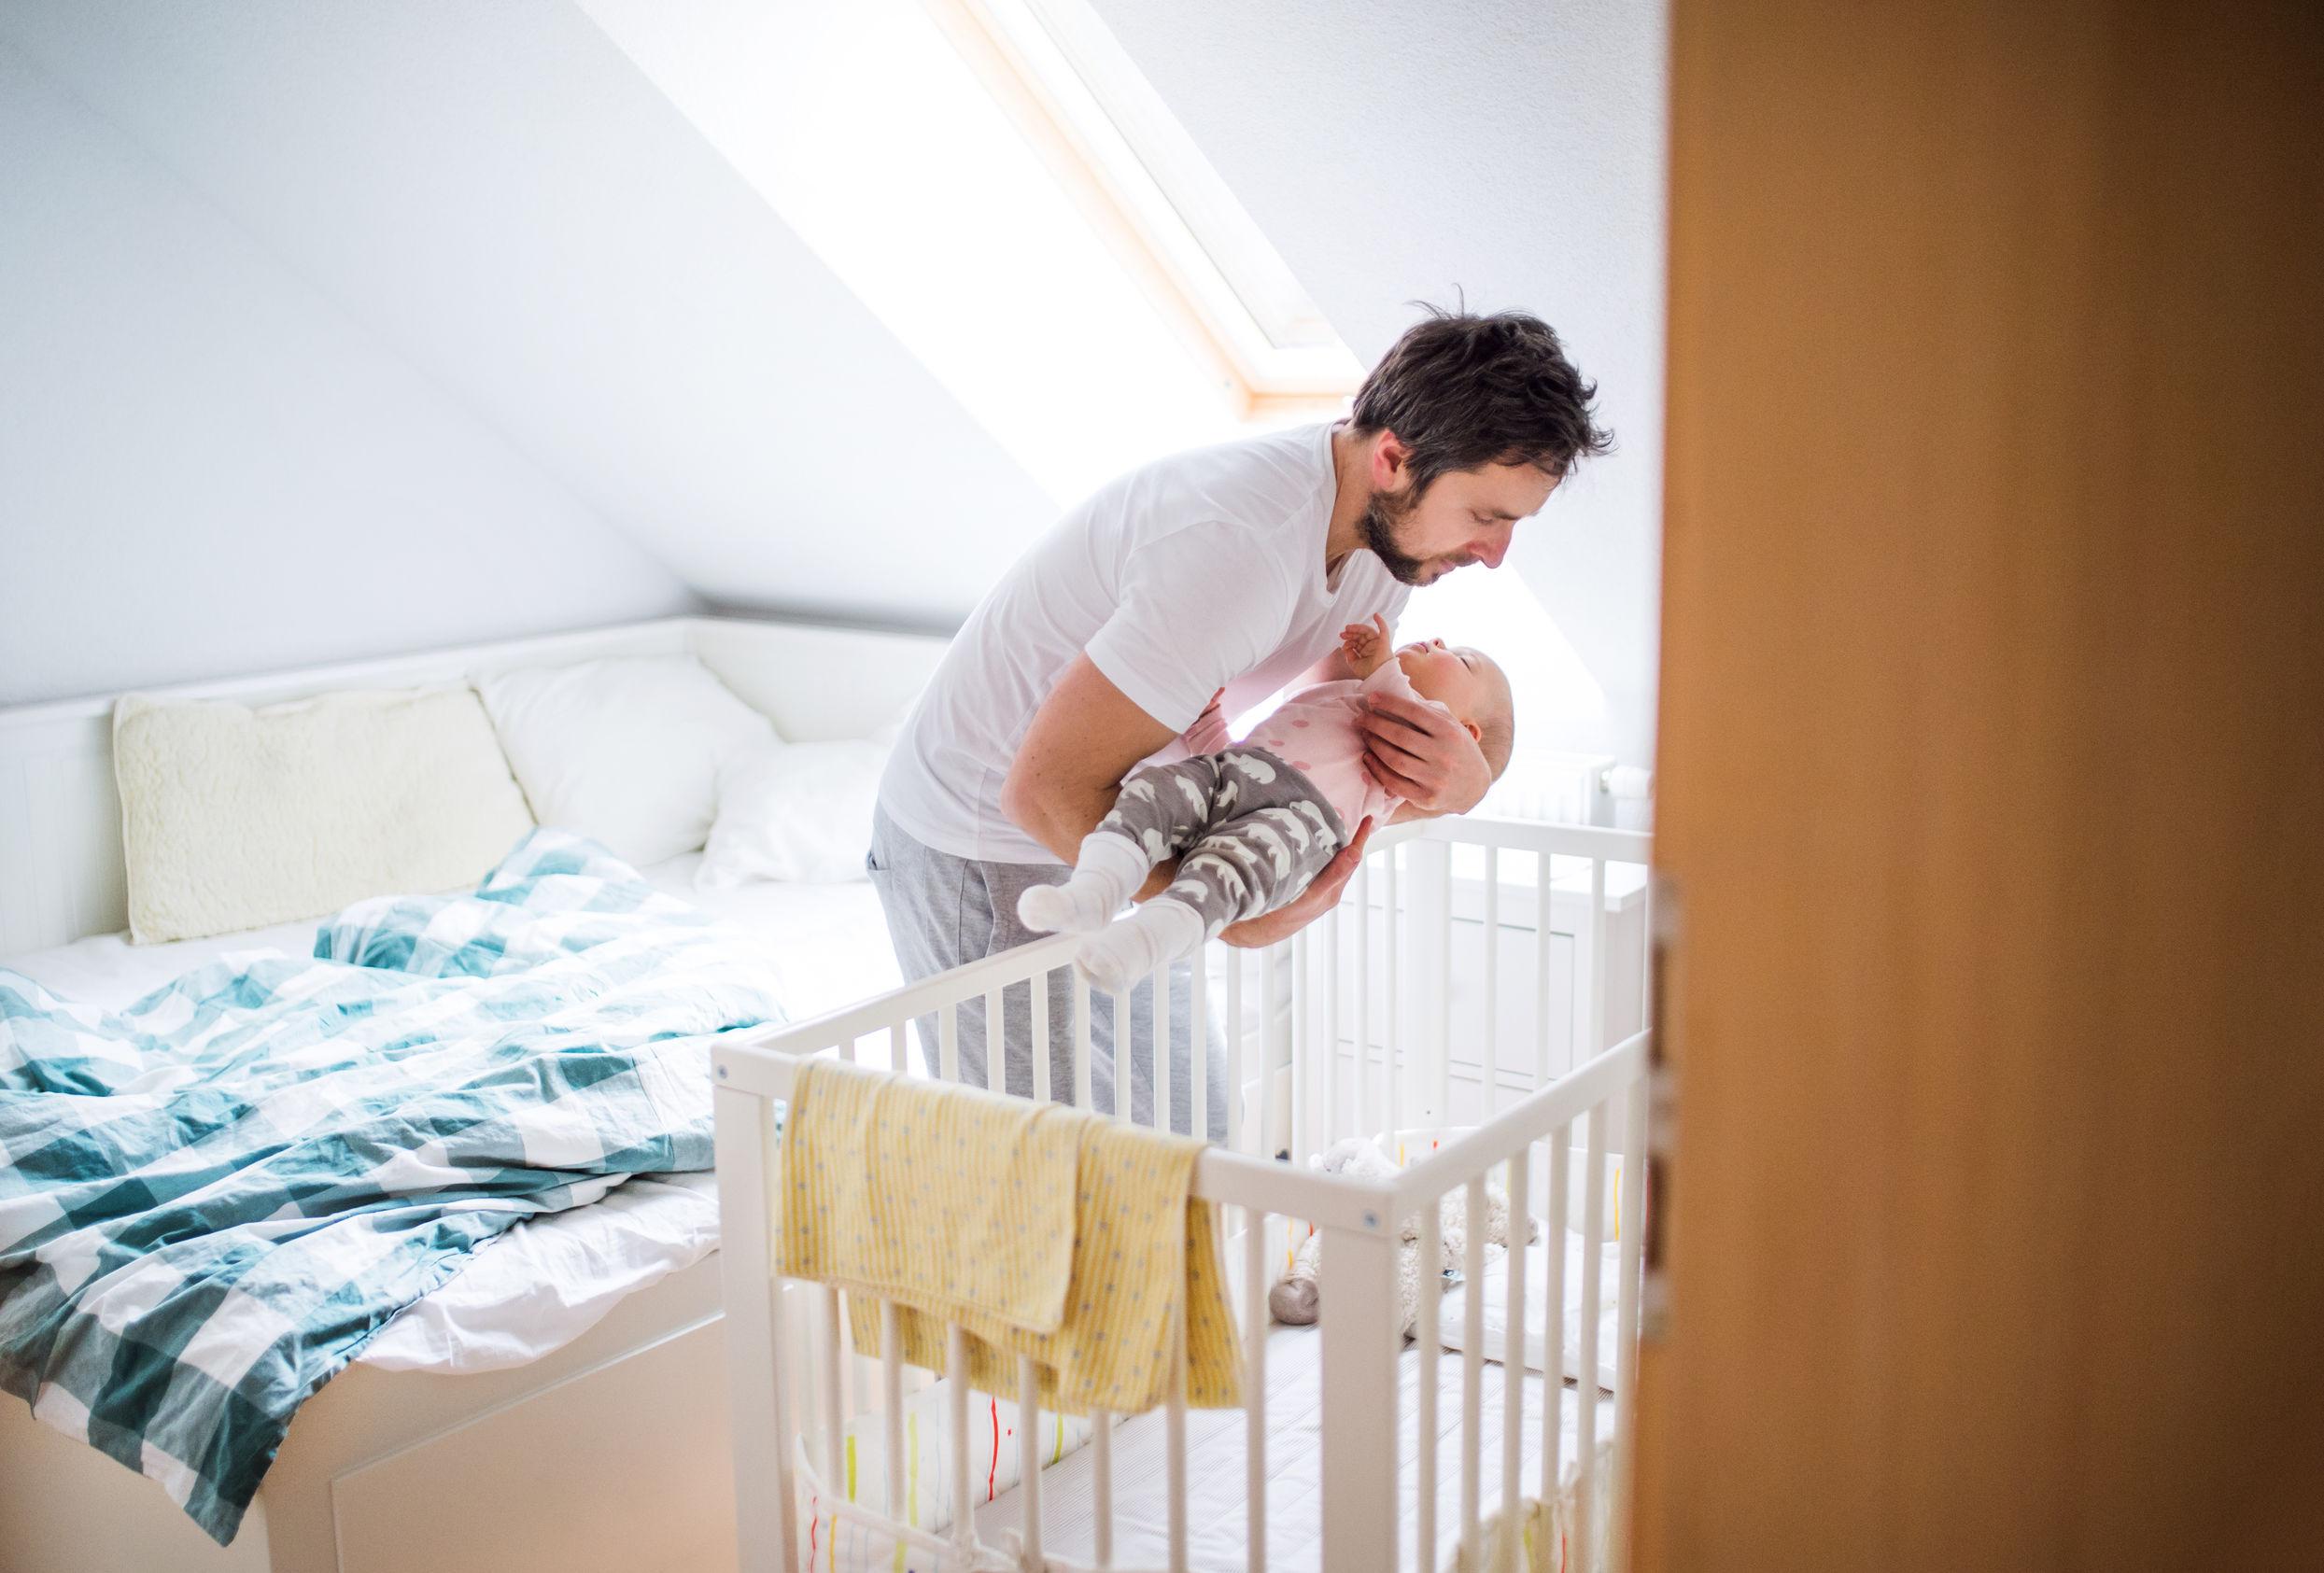 Padre maduro poniendo a una niña pequeña durmiendo en una cuna en casa.